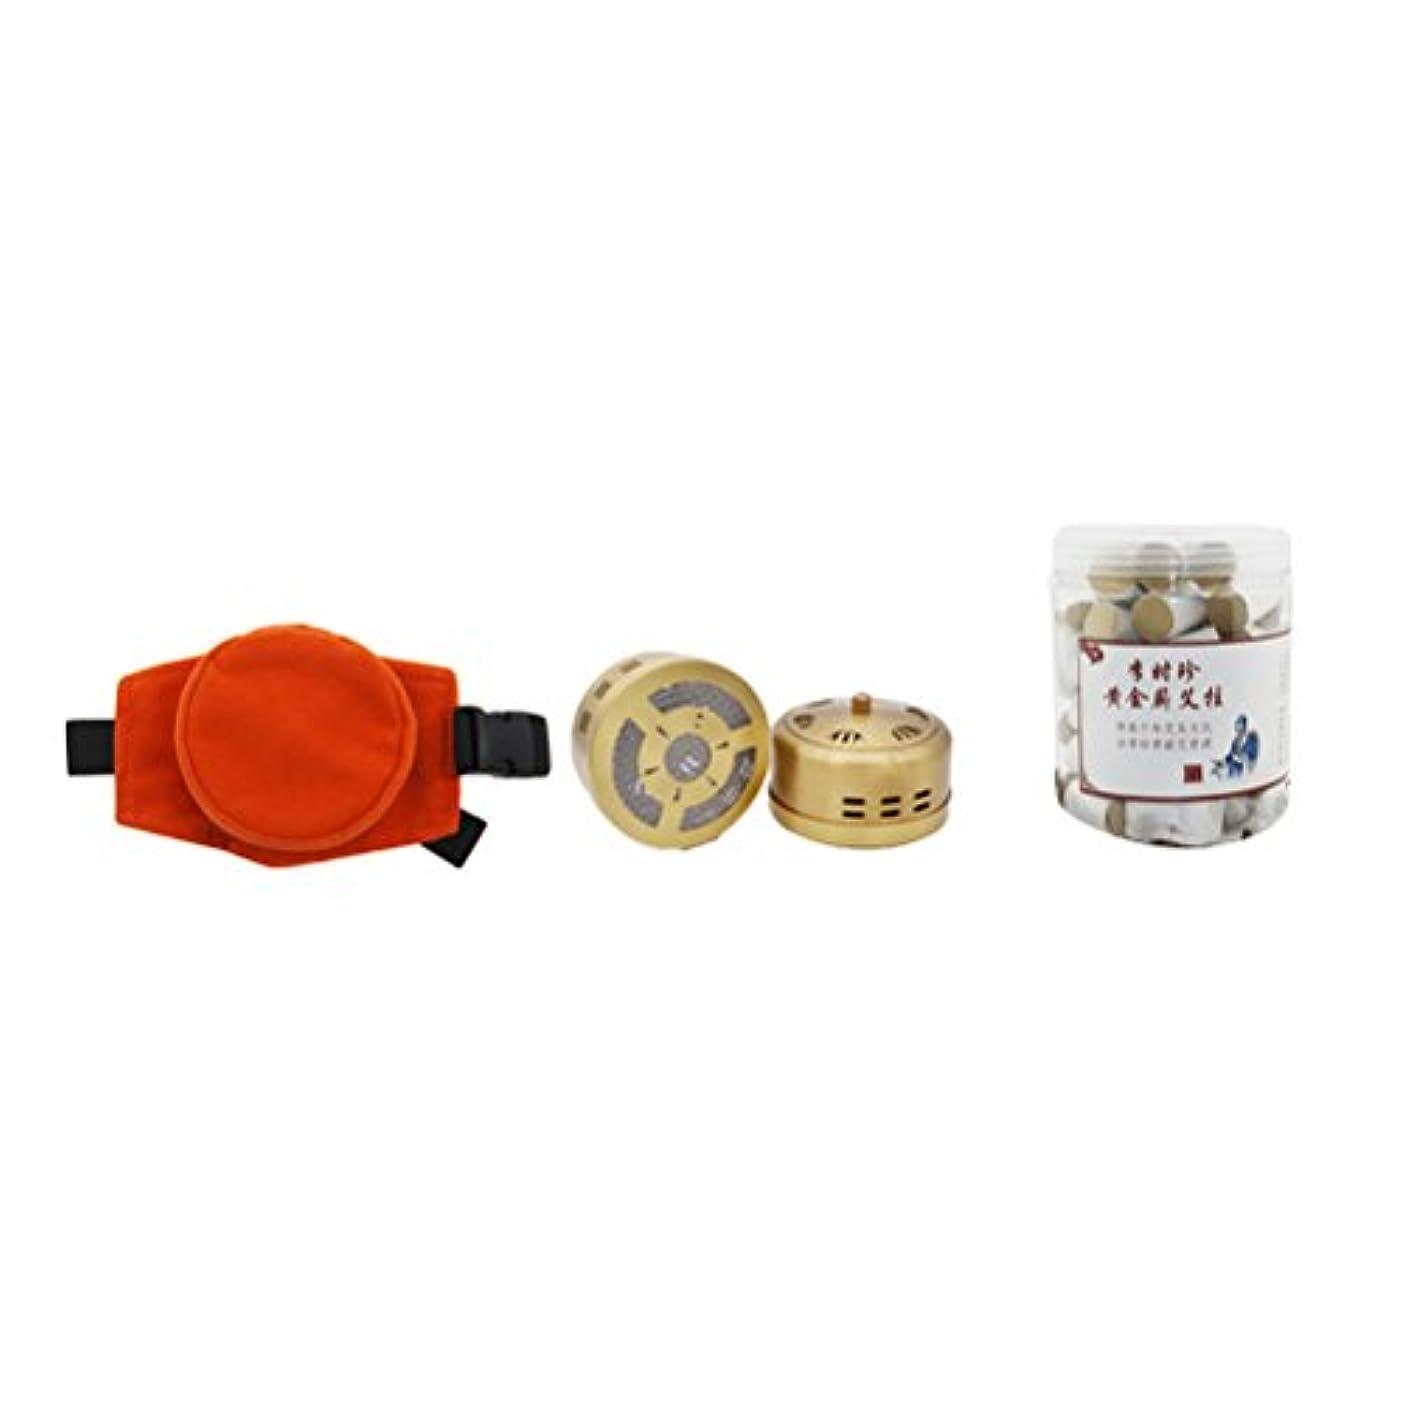 まだ投資持参灸スティックバーナーボックス無煙Moxa清浄器銅タンク調節可能なポケットと60個の腰部頚部の膝関節炎痛み緩和のための灸棒の灸治療の箱